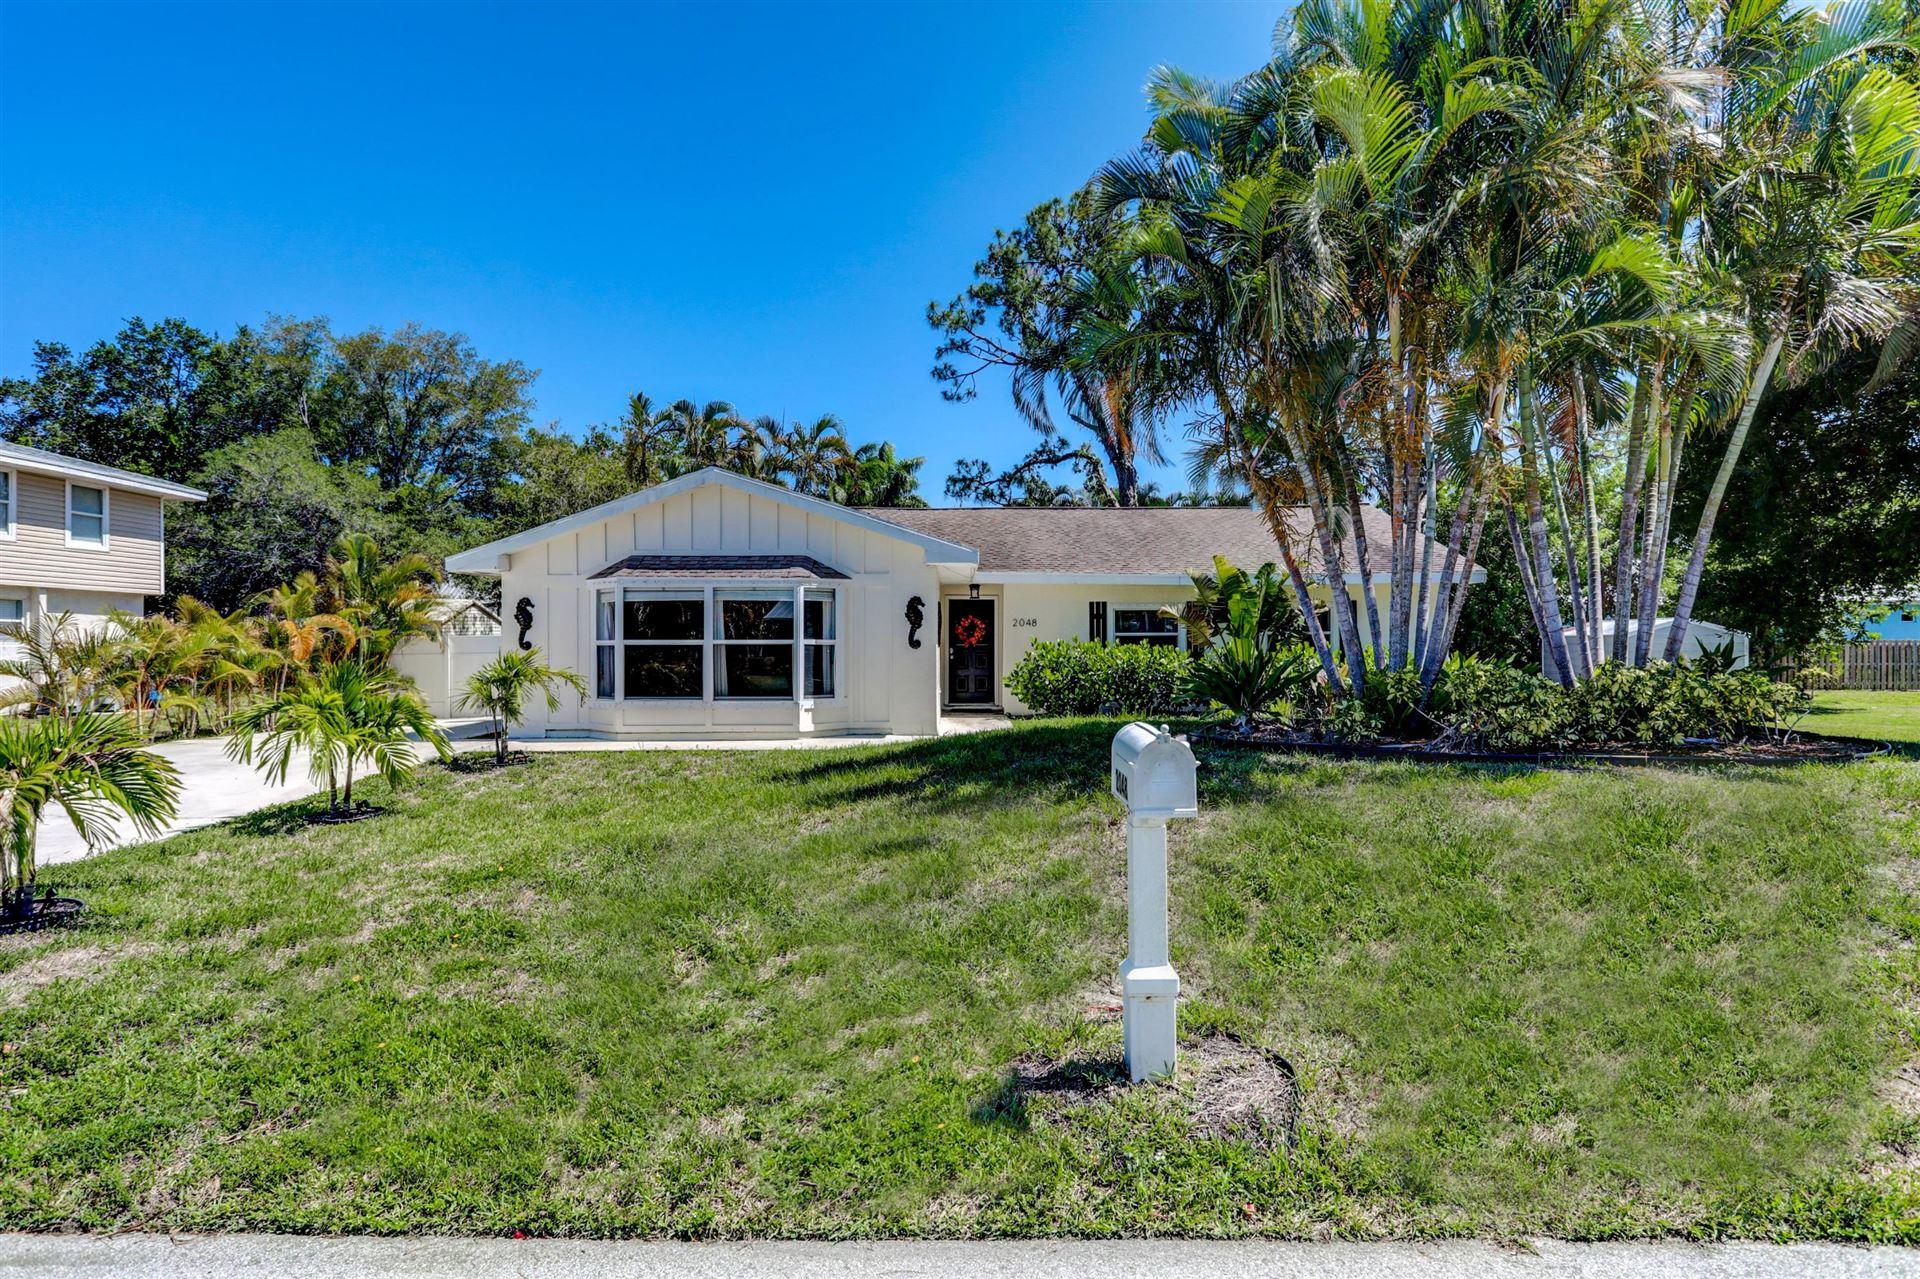 2048 NW Azalea Street, Stuart, FL 34994 - #: RX-10724417